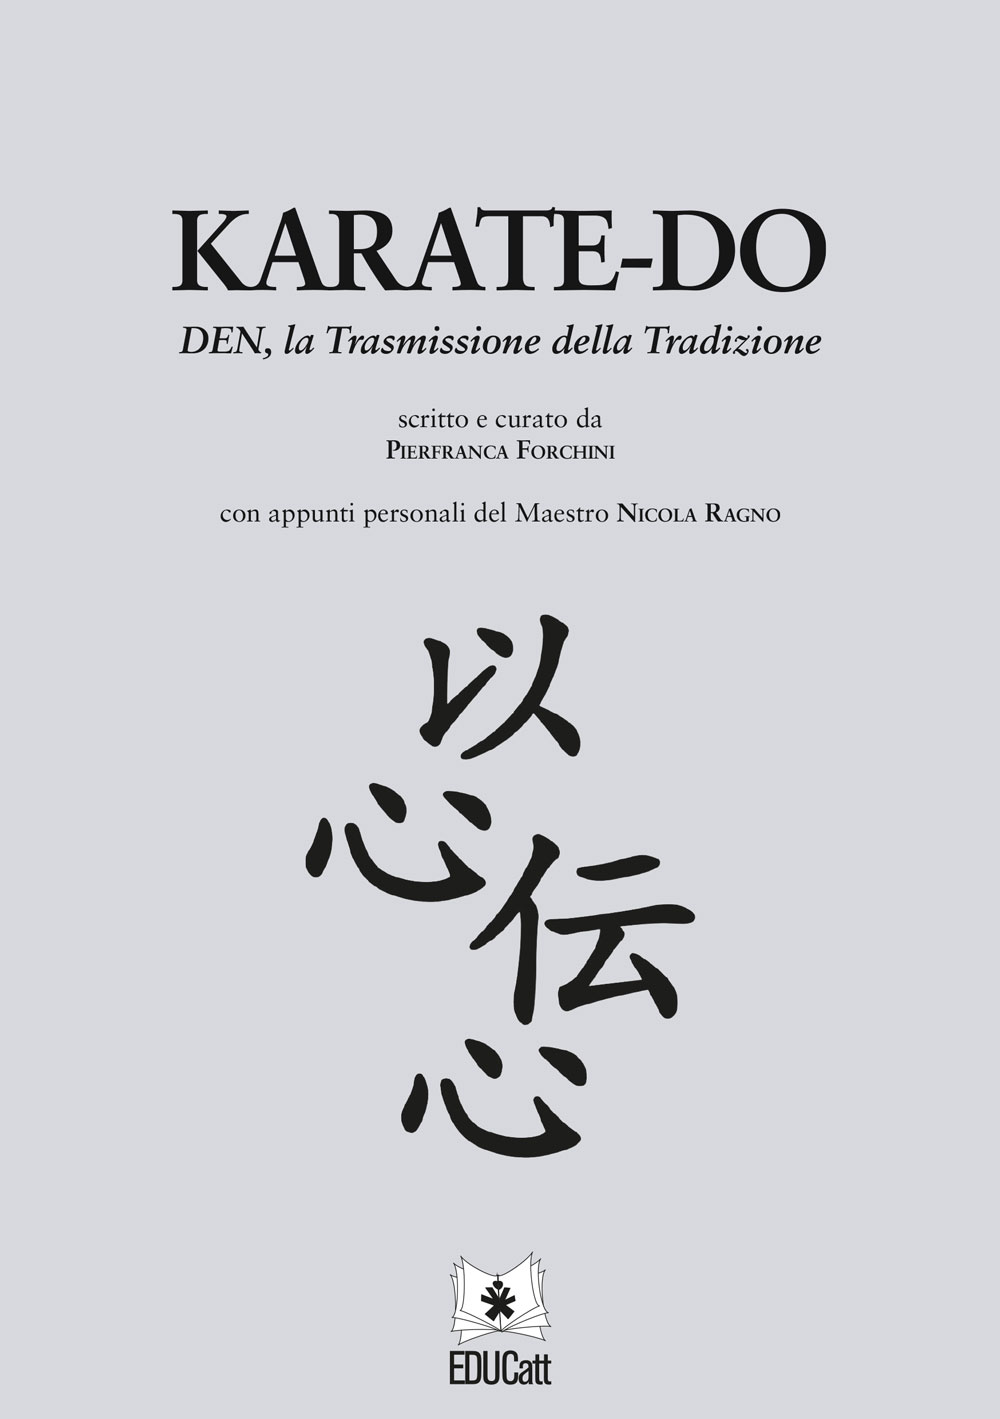 Karate-do. DEN, la Trasmissione della Tradizione.